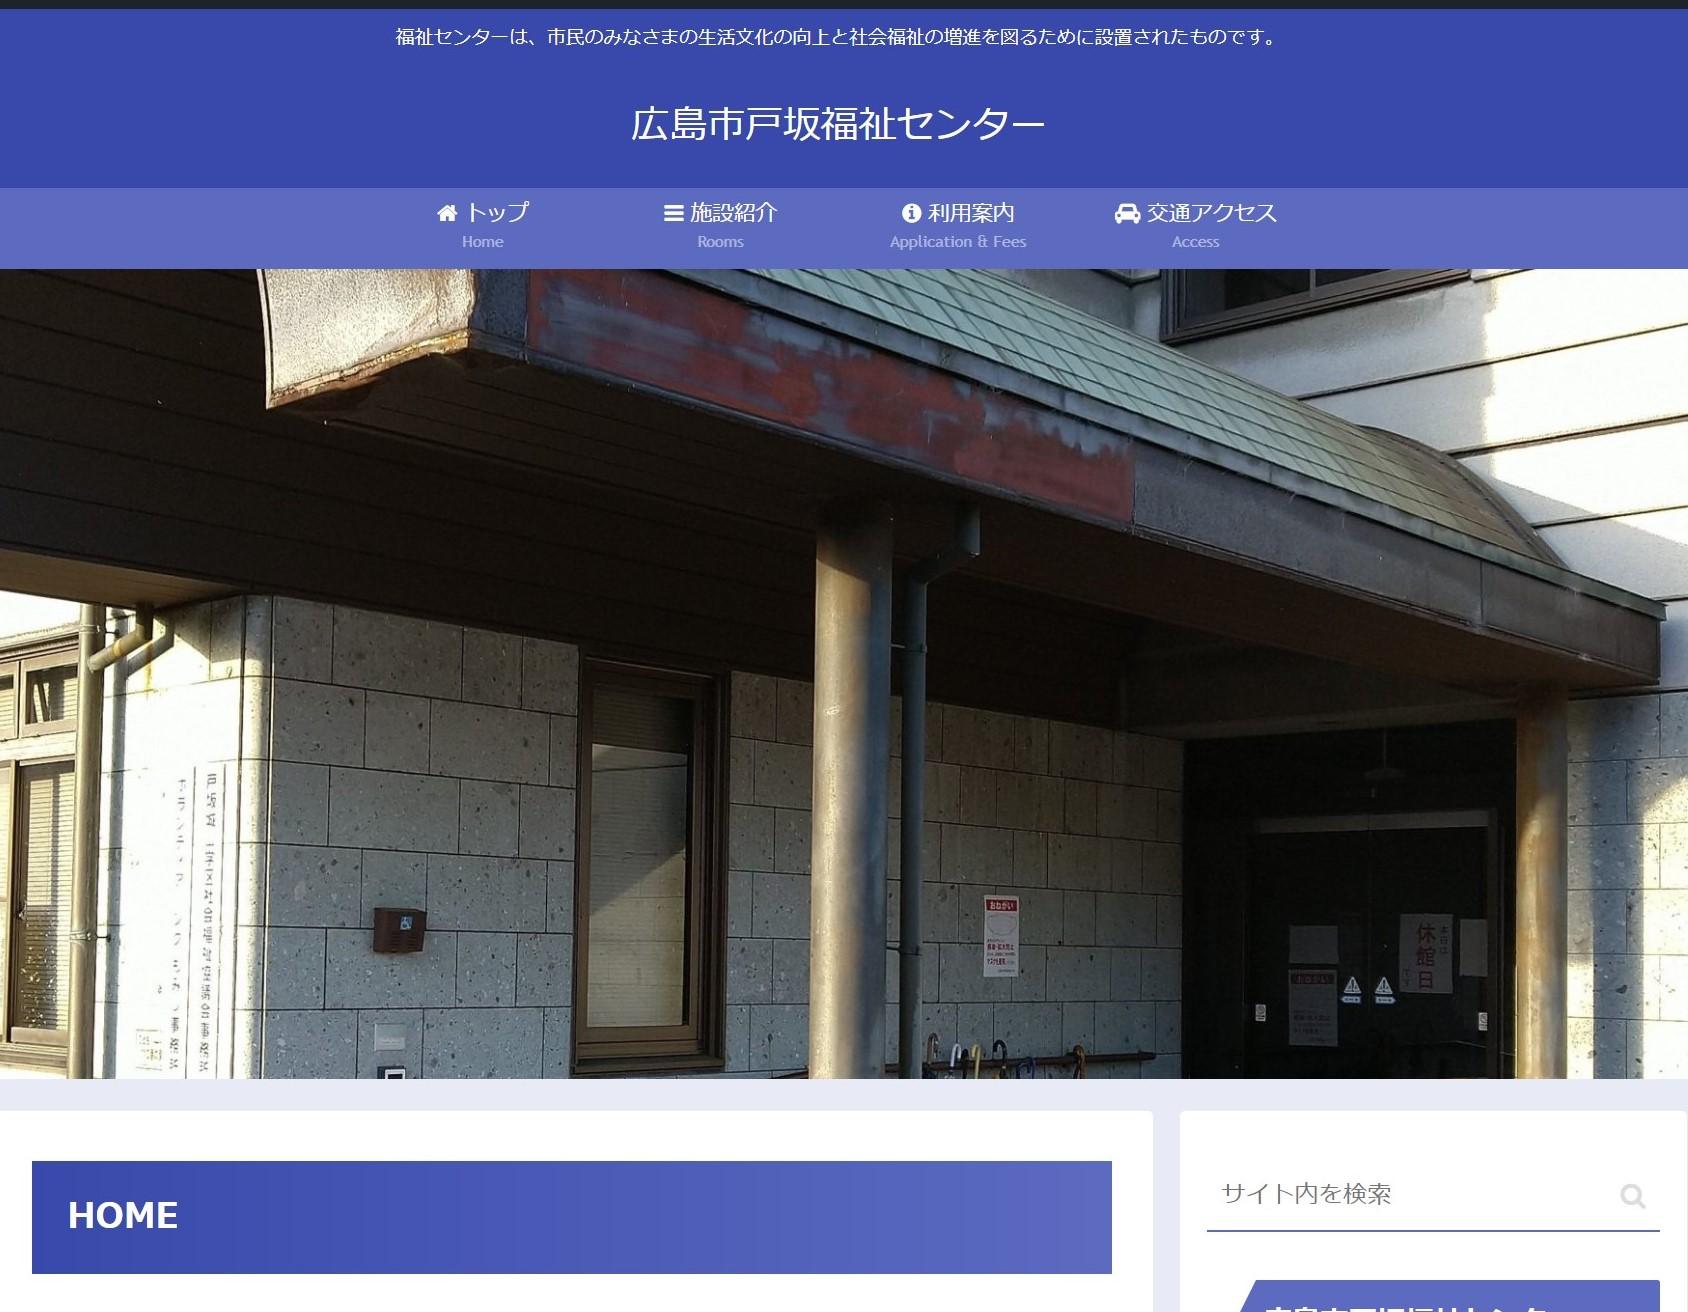 市 施設 広島 社会 コロナ 福祉 介護事業者への補助金